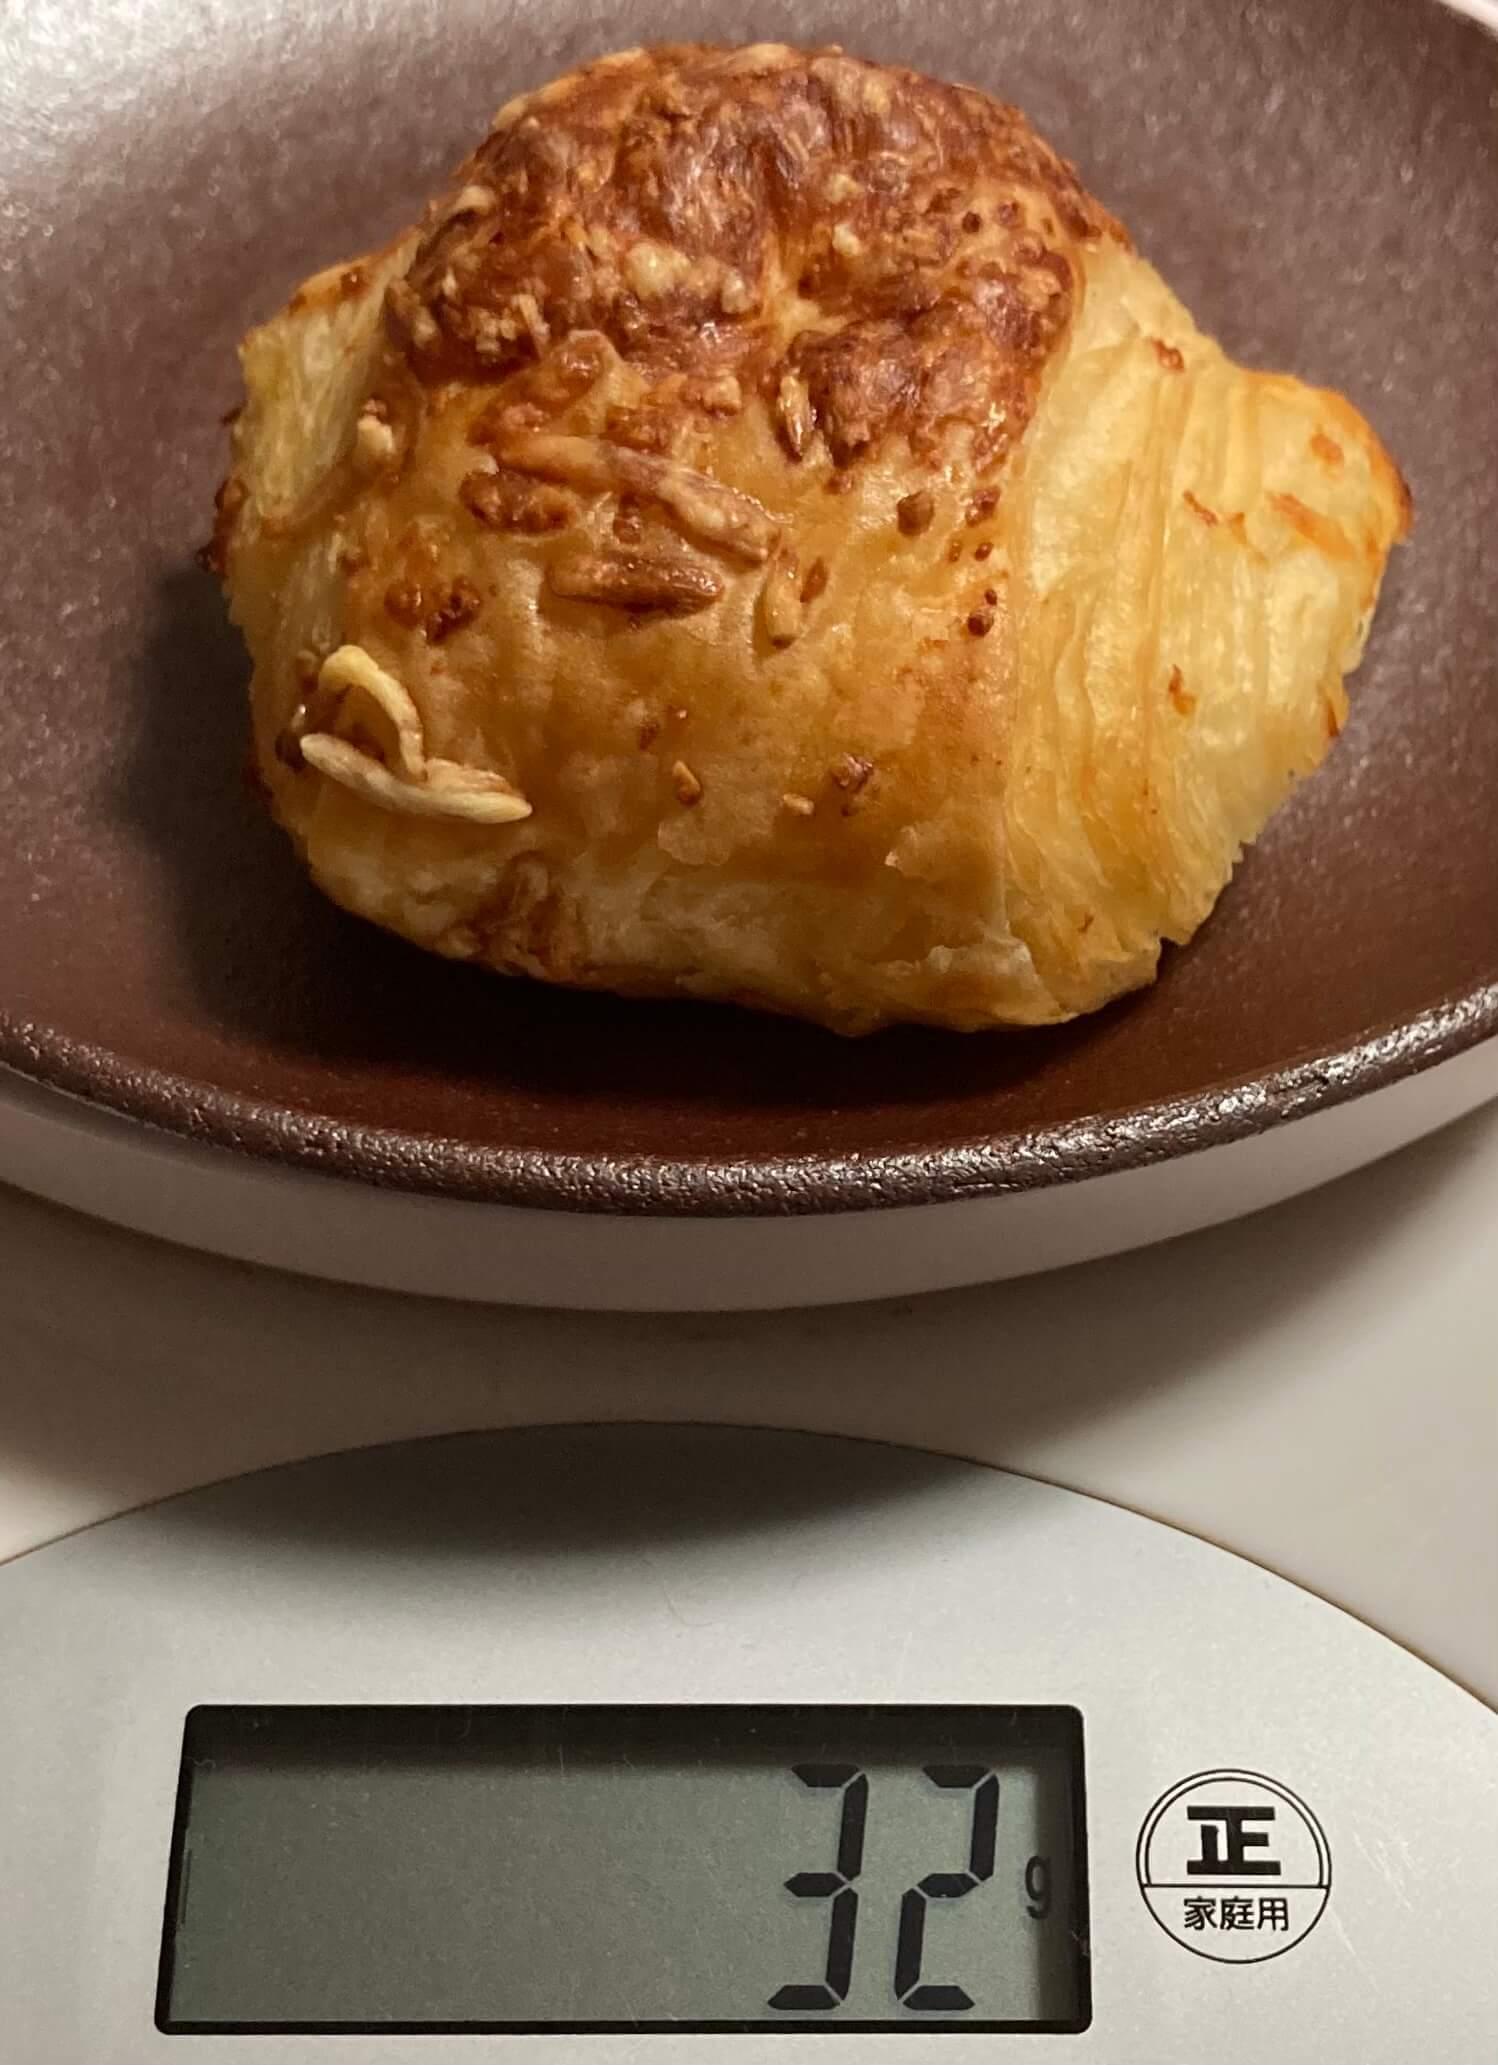 ラズベリー&チーズテニッシュカロリー